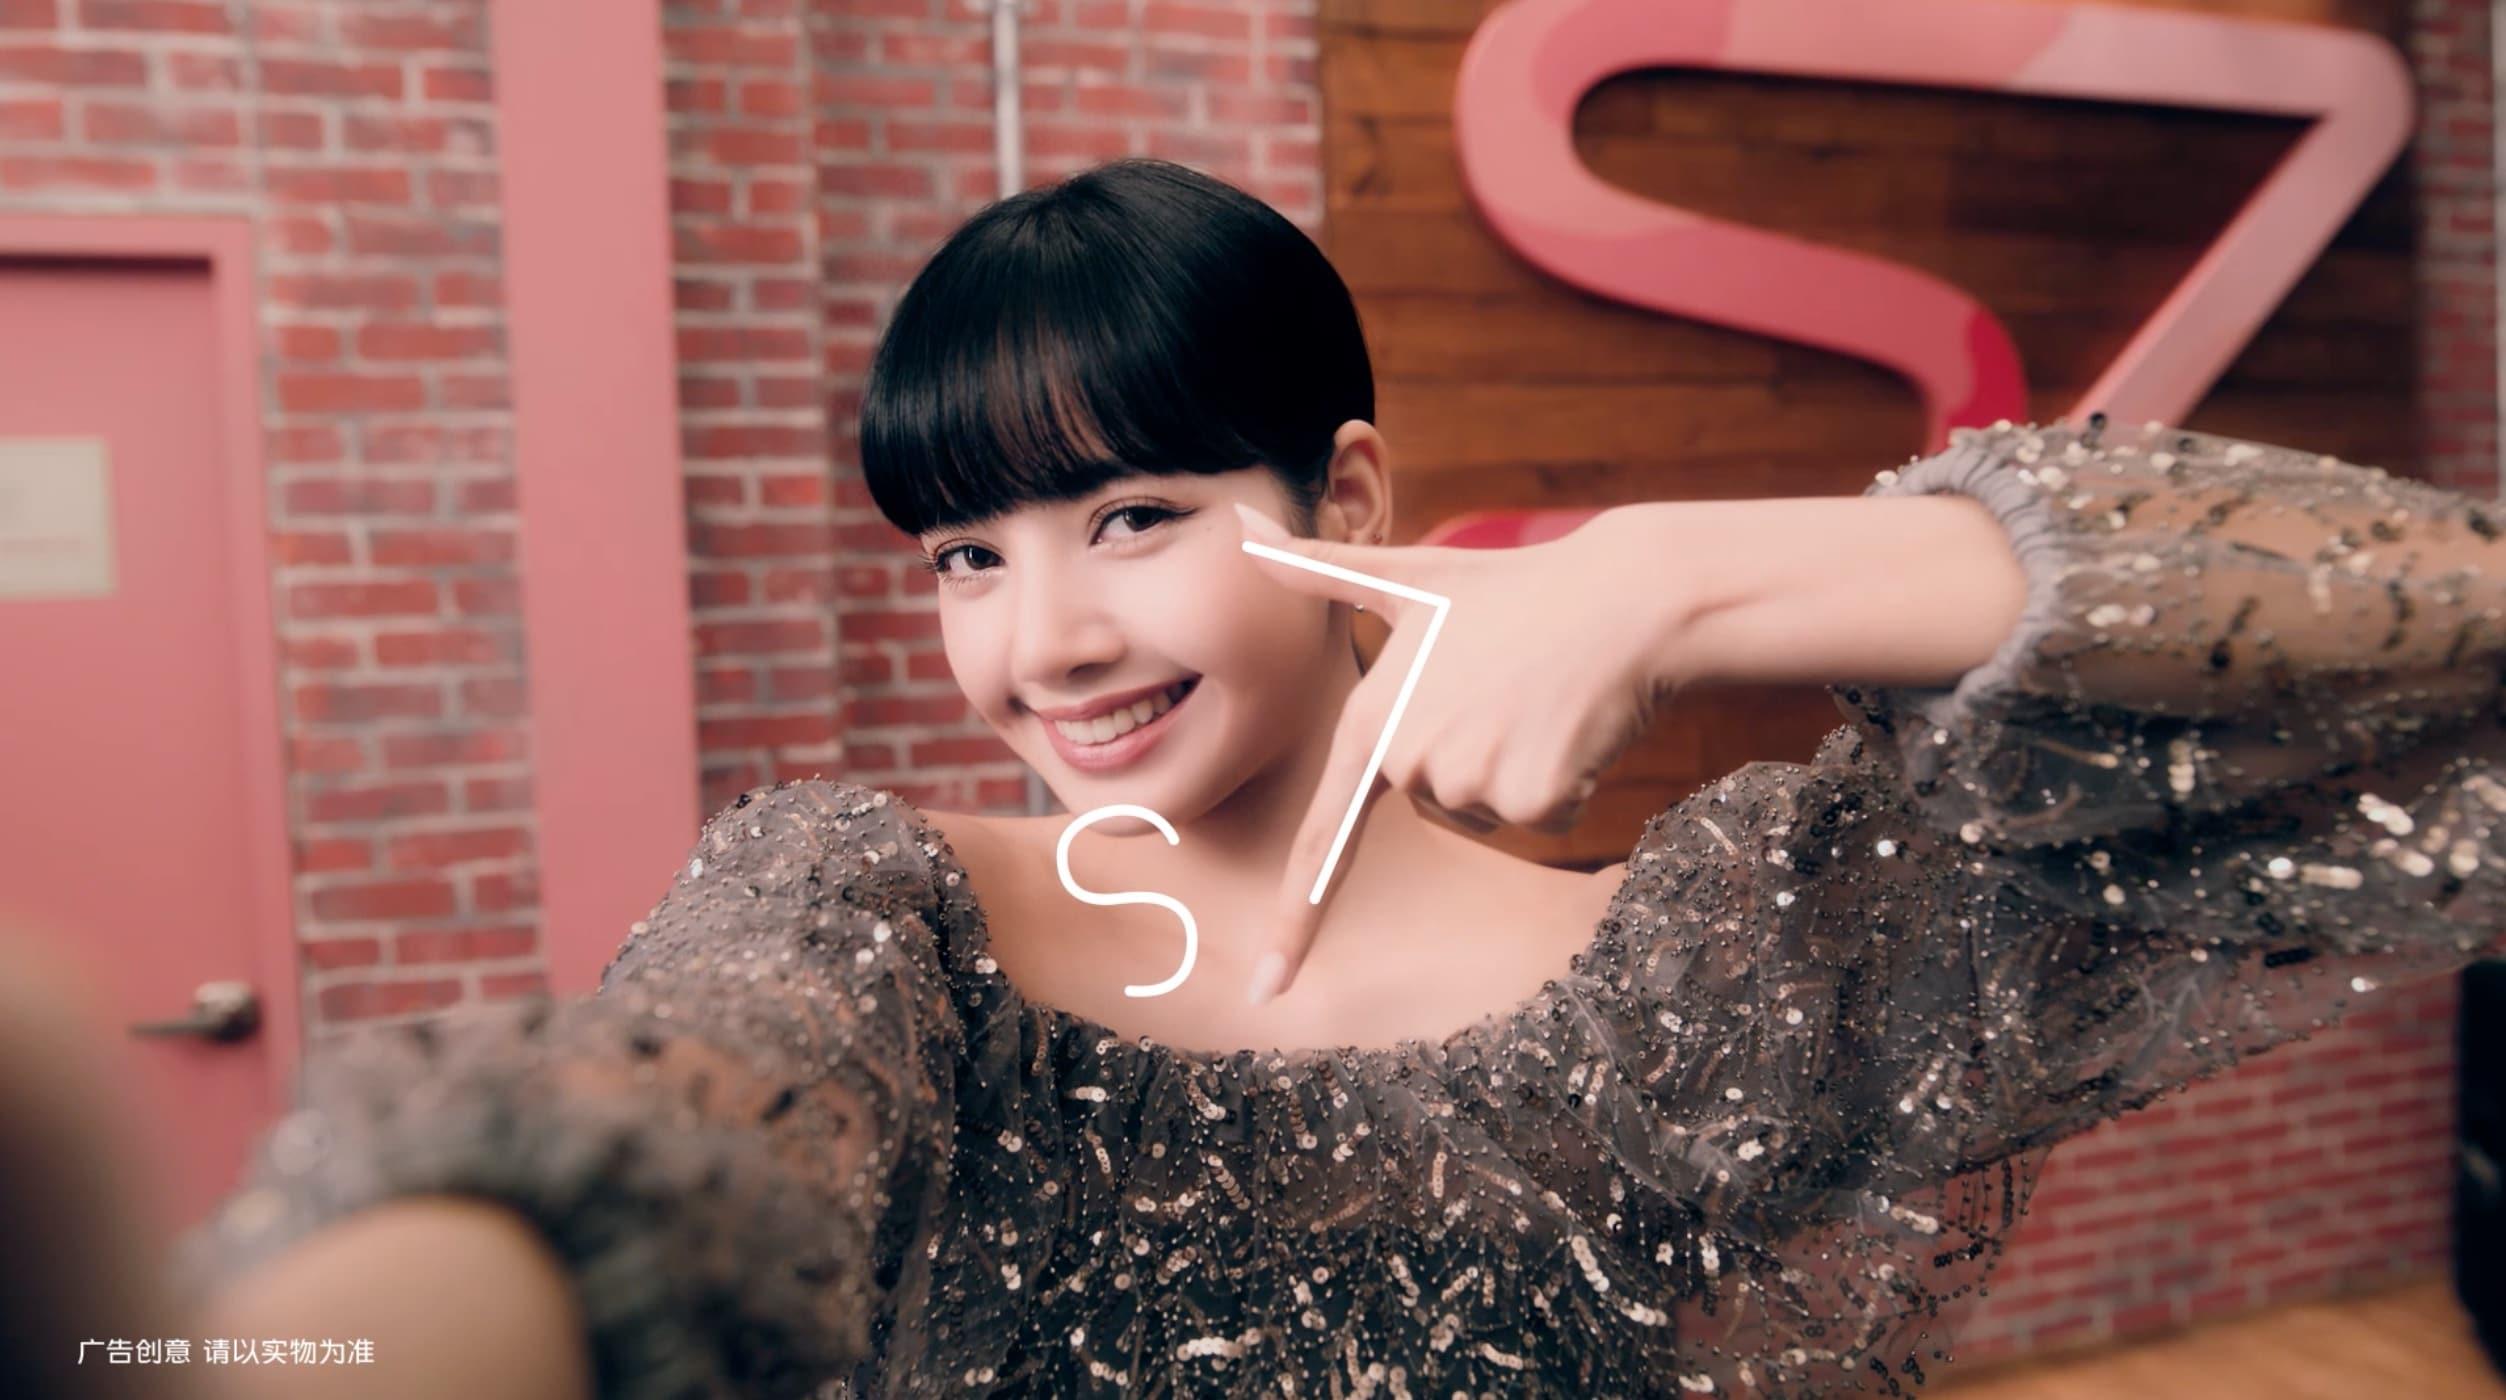 vivo chính thức công bố gương mặt đại diện cho vivo S7 – Lisa BLACKPINK - 1